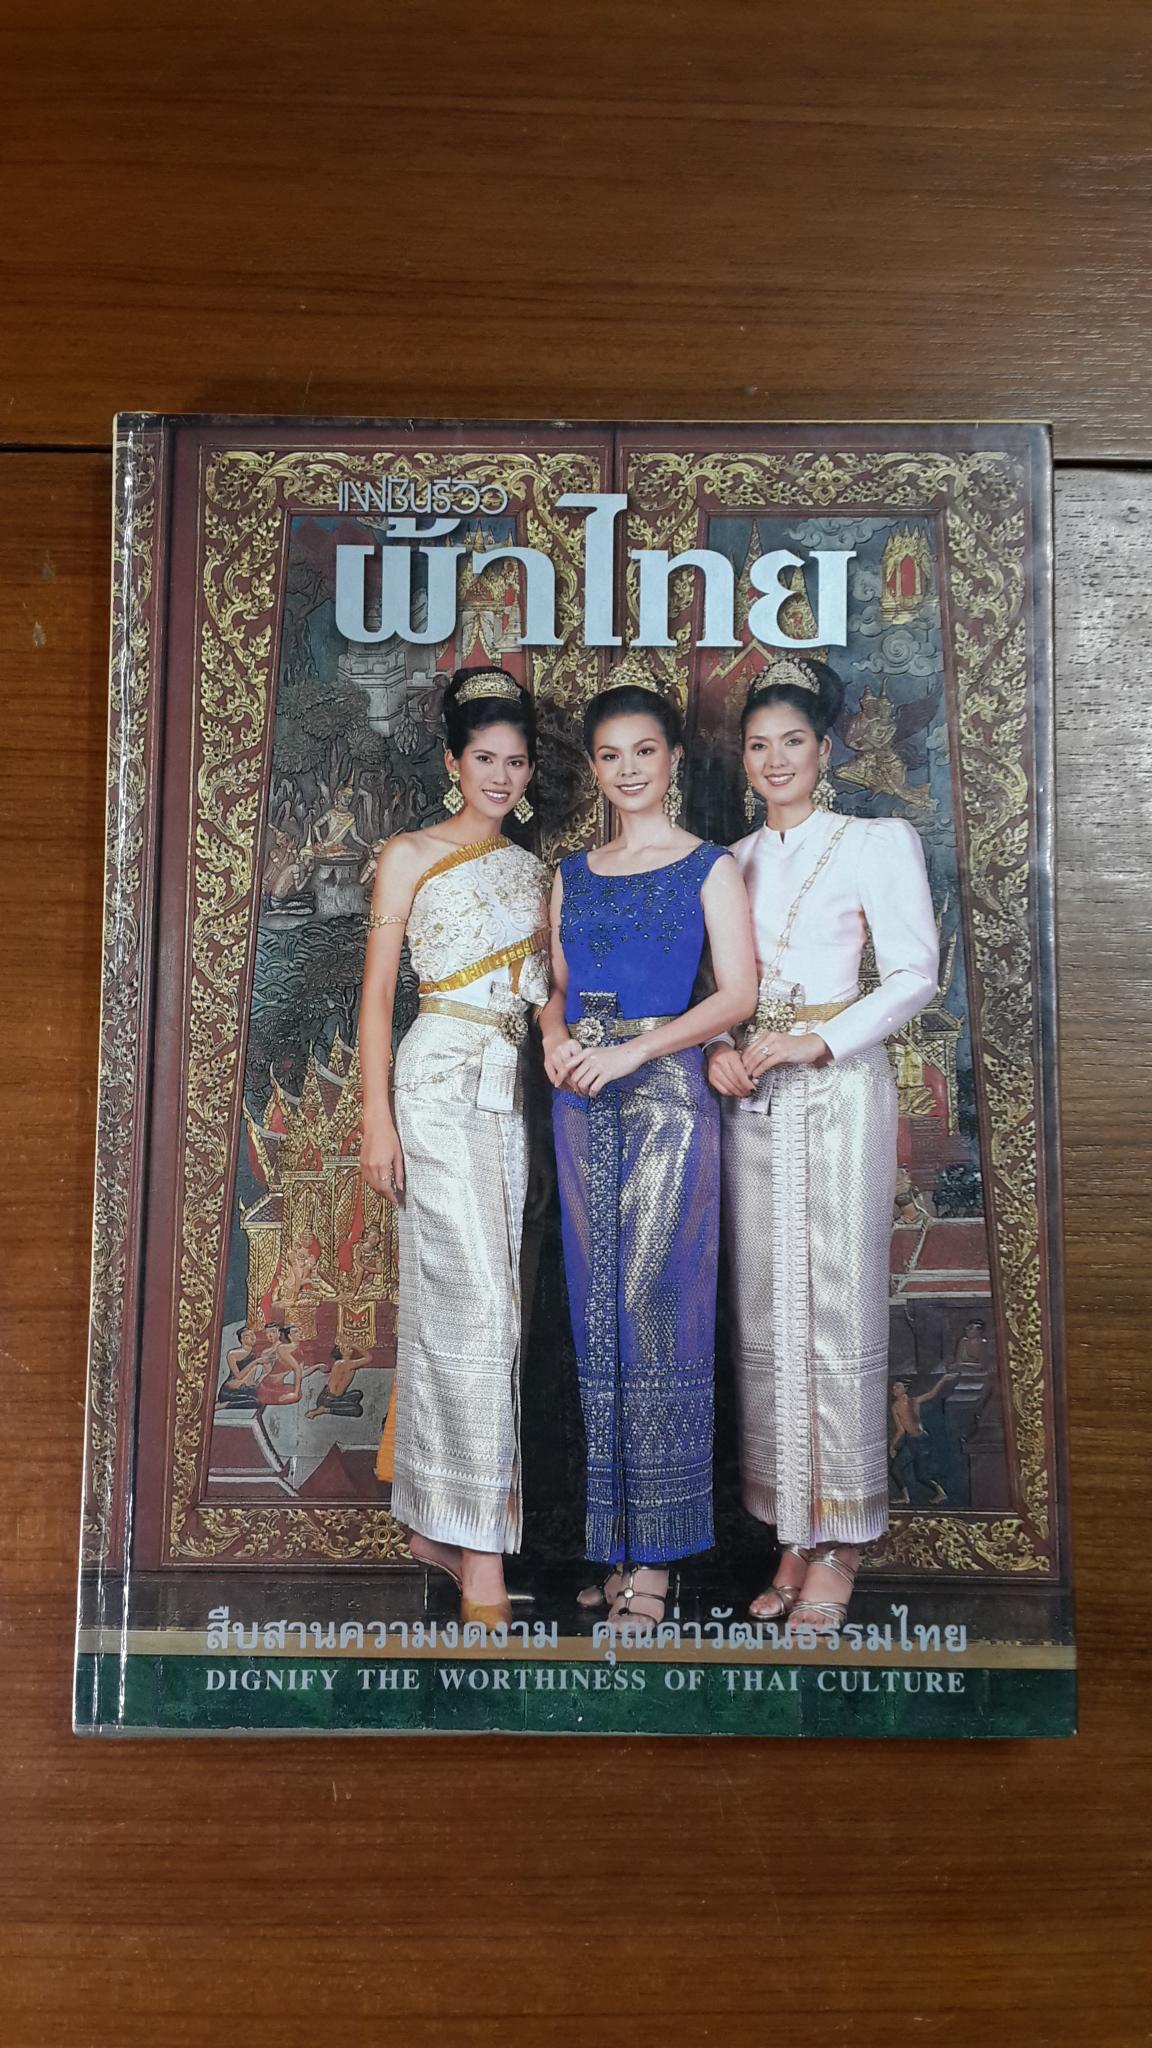 แฟชั่นรีวิว ผ้าไทย ฉบับที่ 4